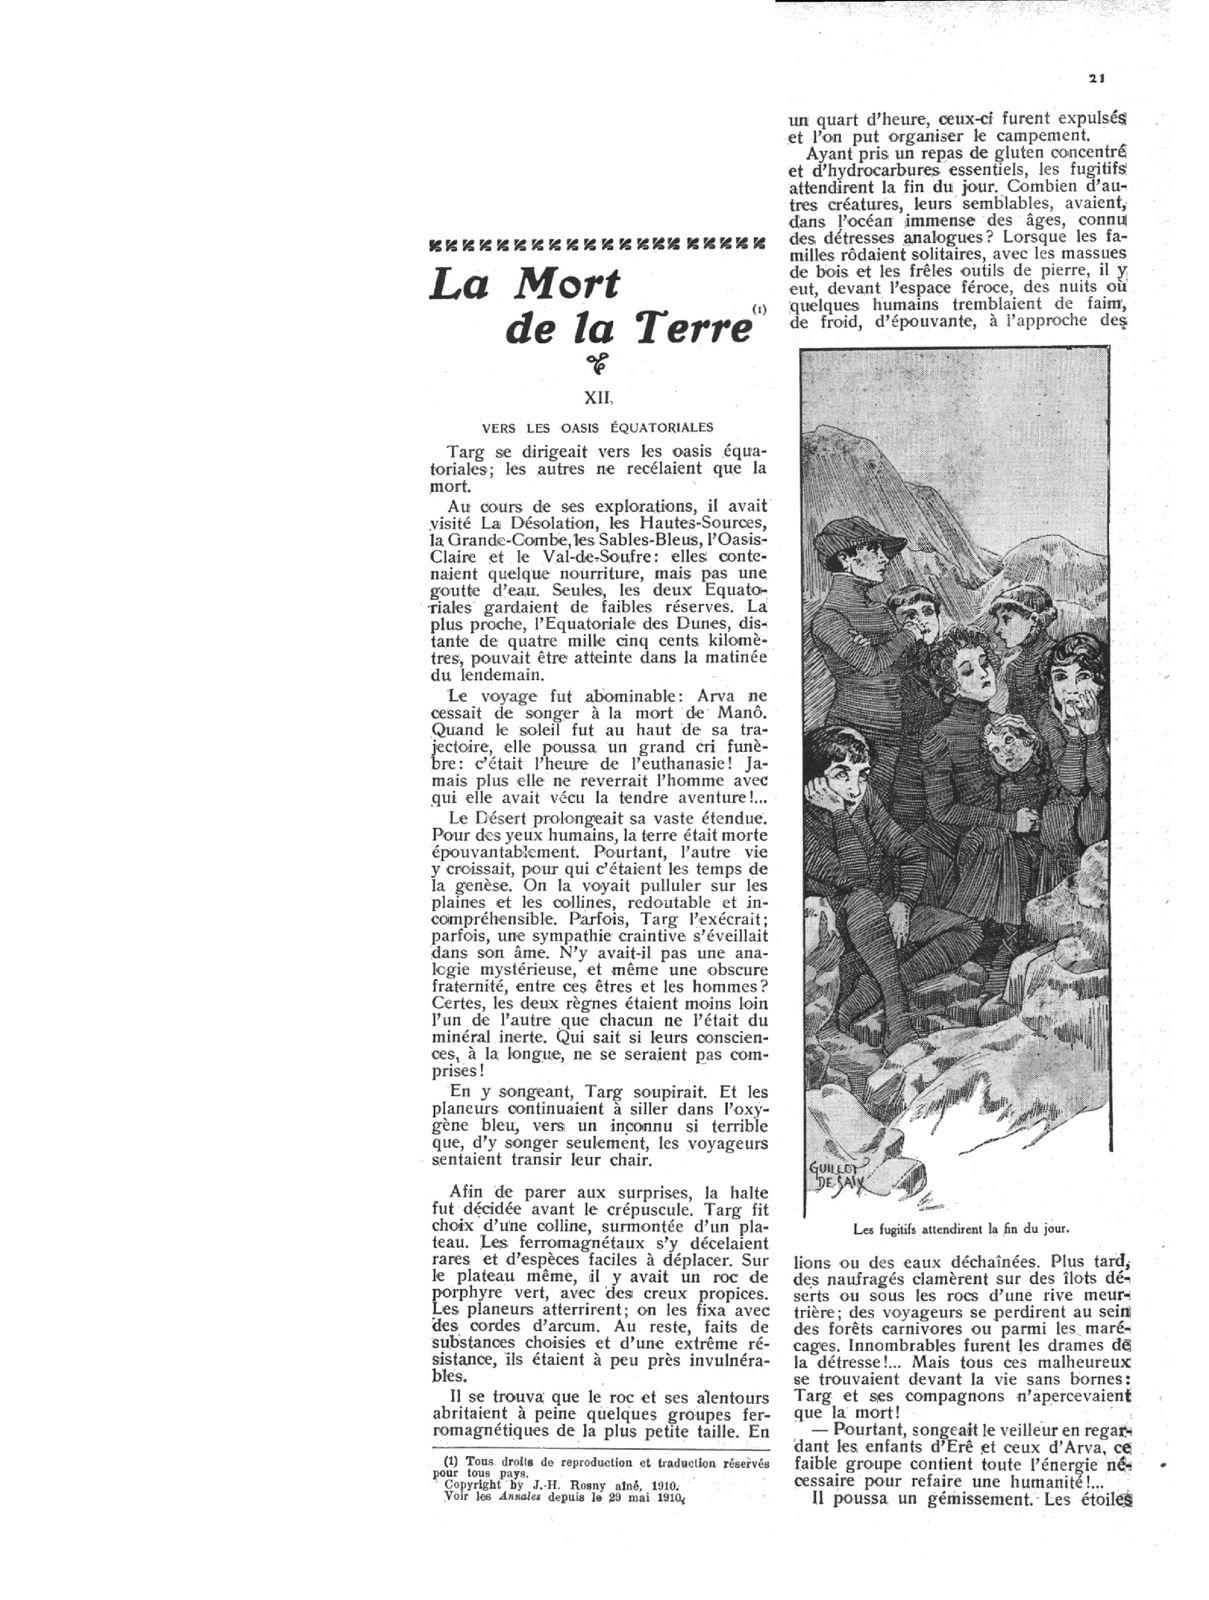 """J.-H. Rosny aîné """"La Mort de la Terre"""" in Les Annales politiques et littéraires n°1410 du 3 juillet 1910"""